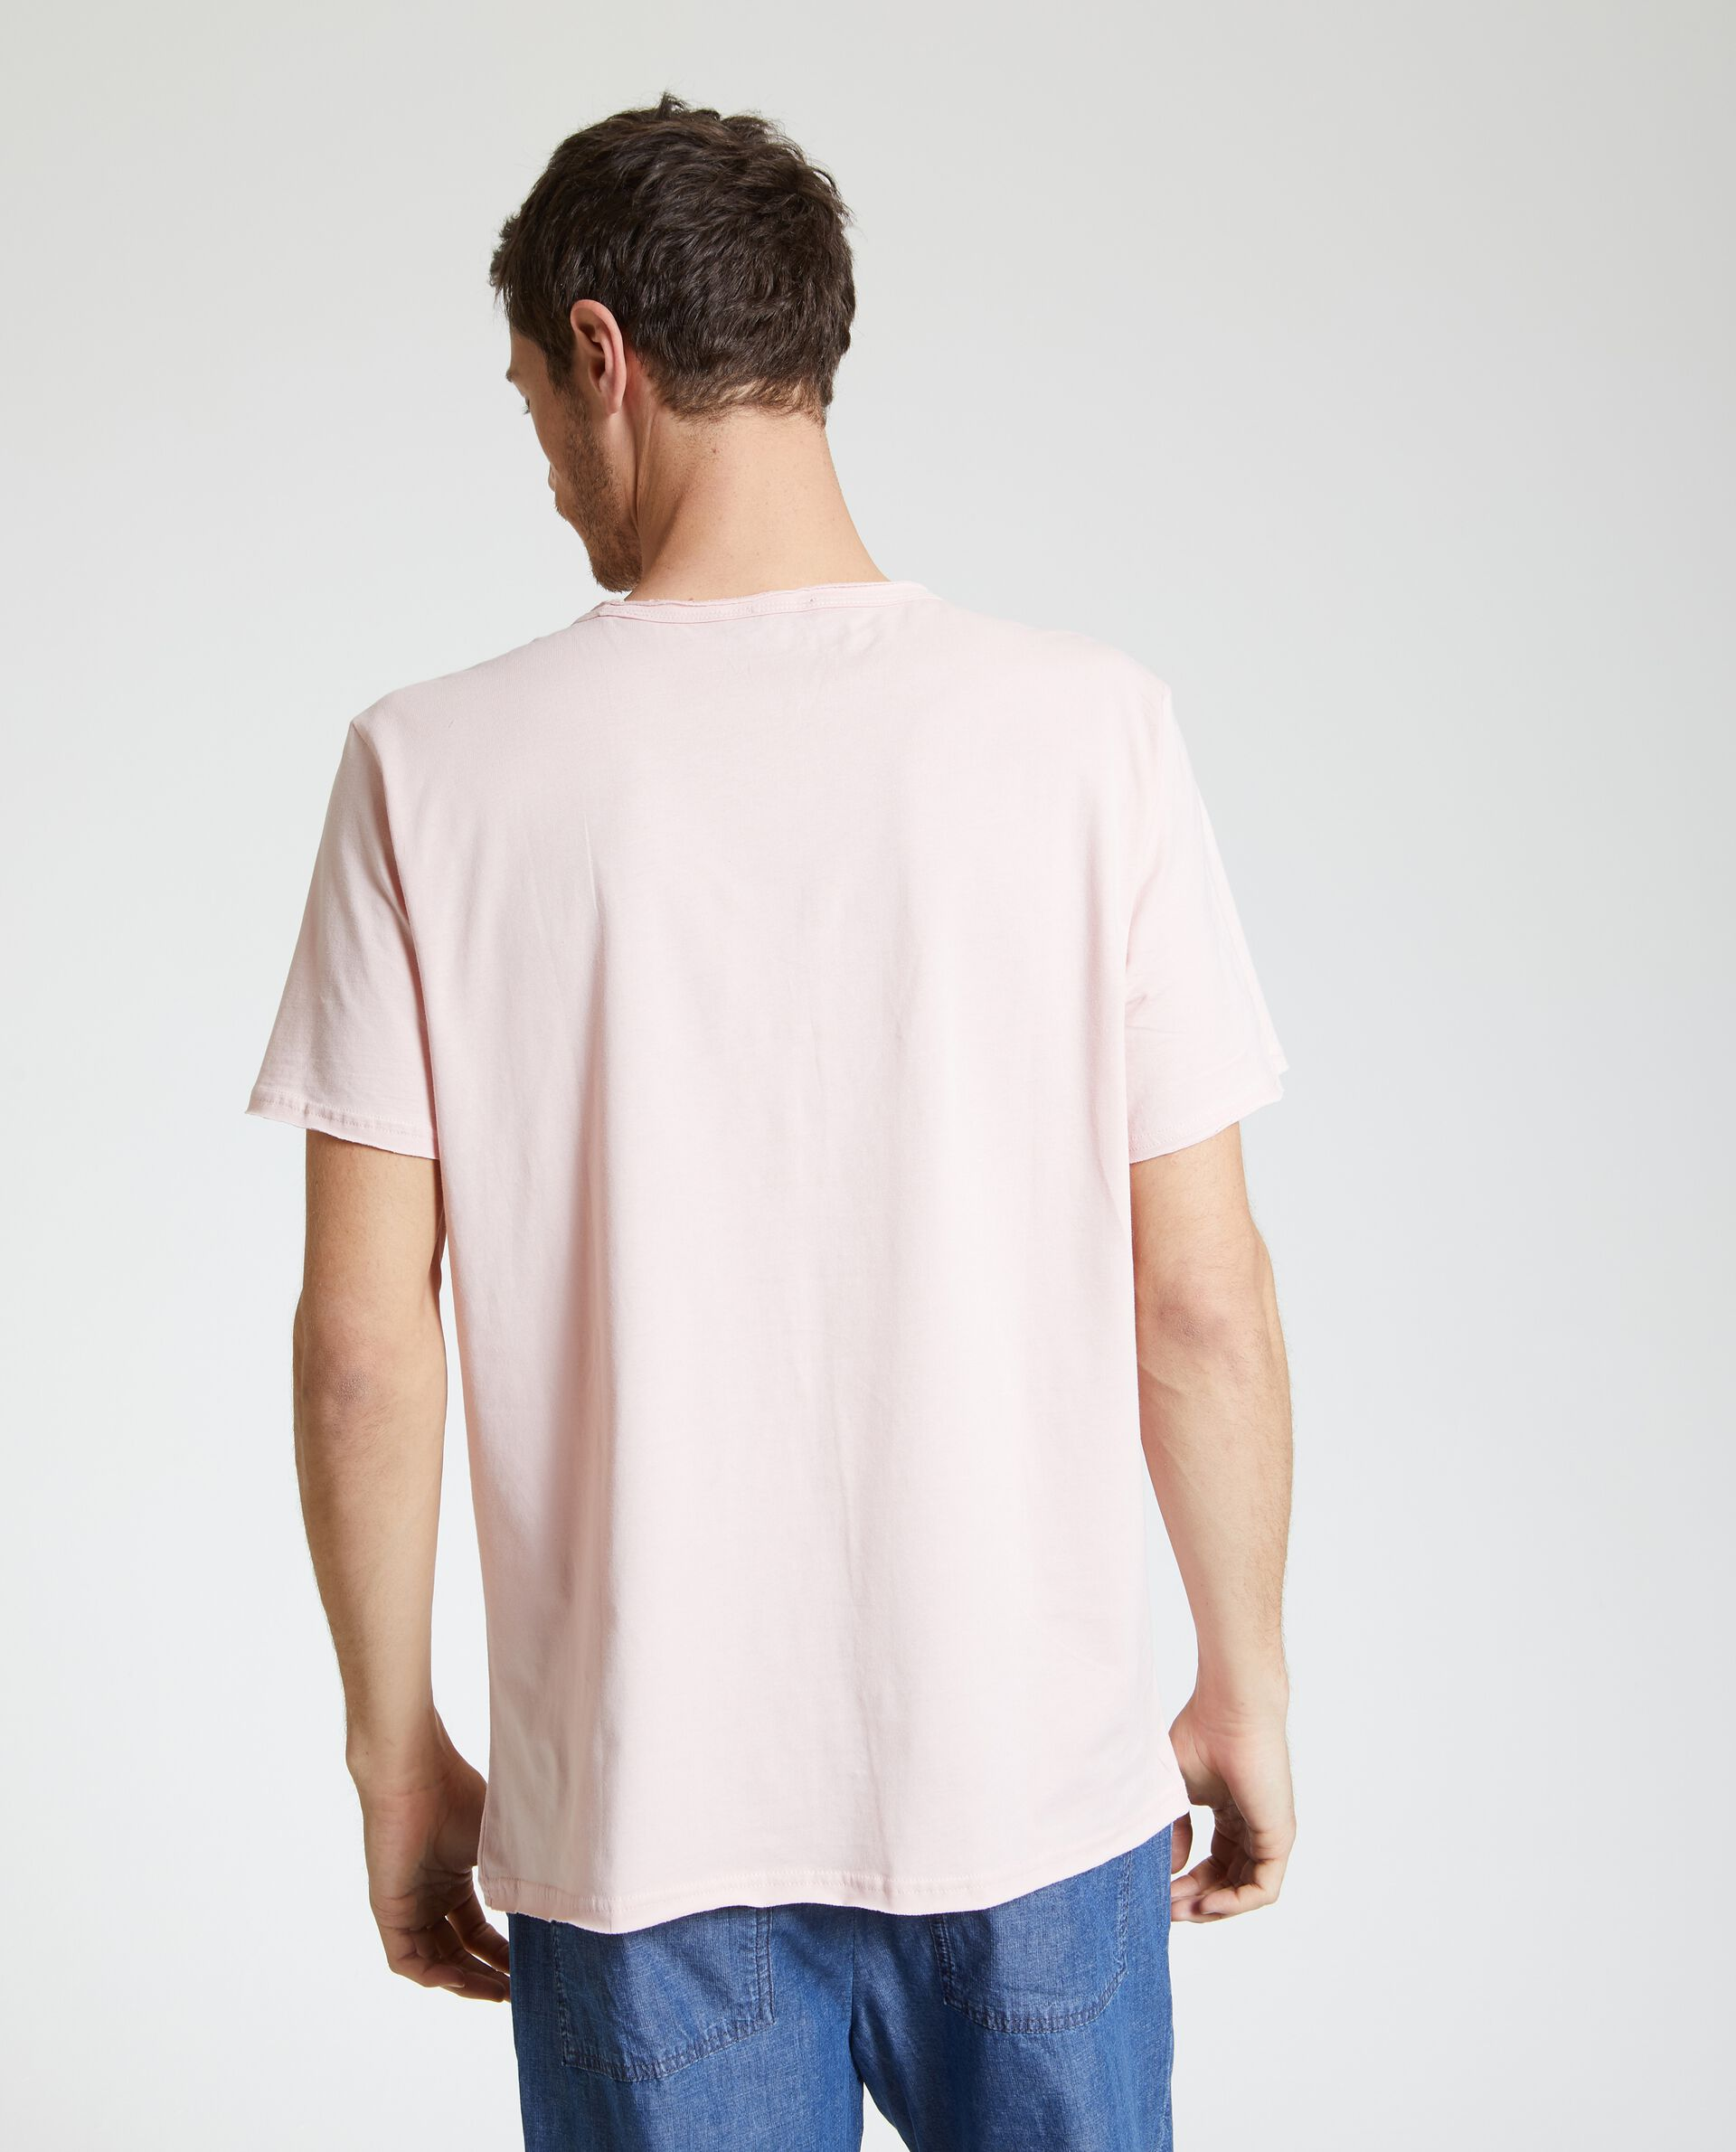 T-shirt in puro cotone stampata uomo